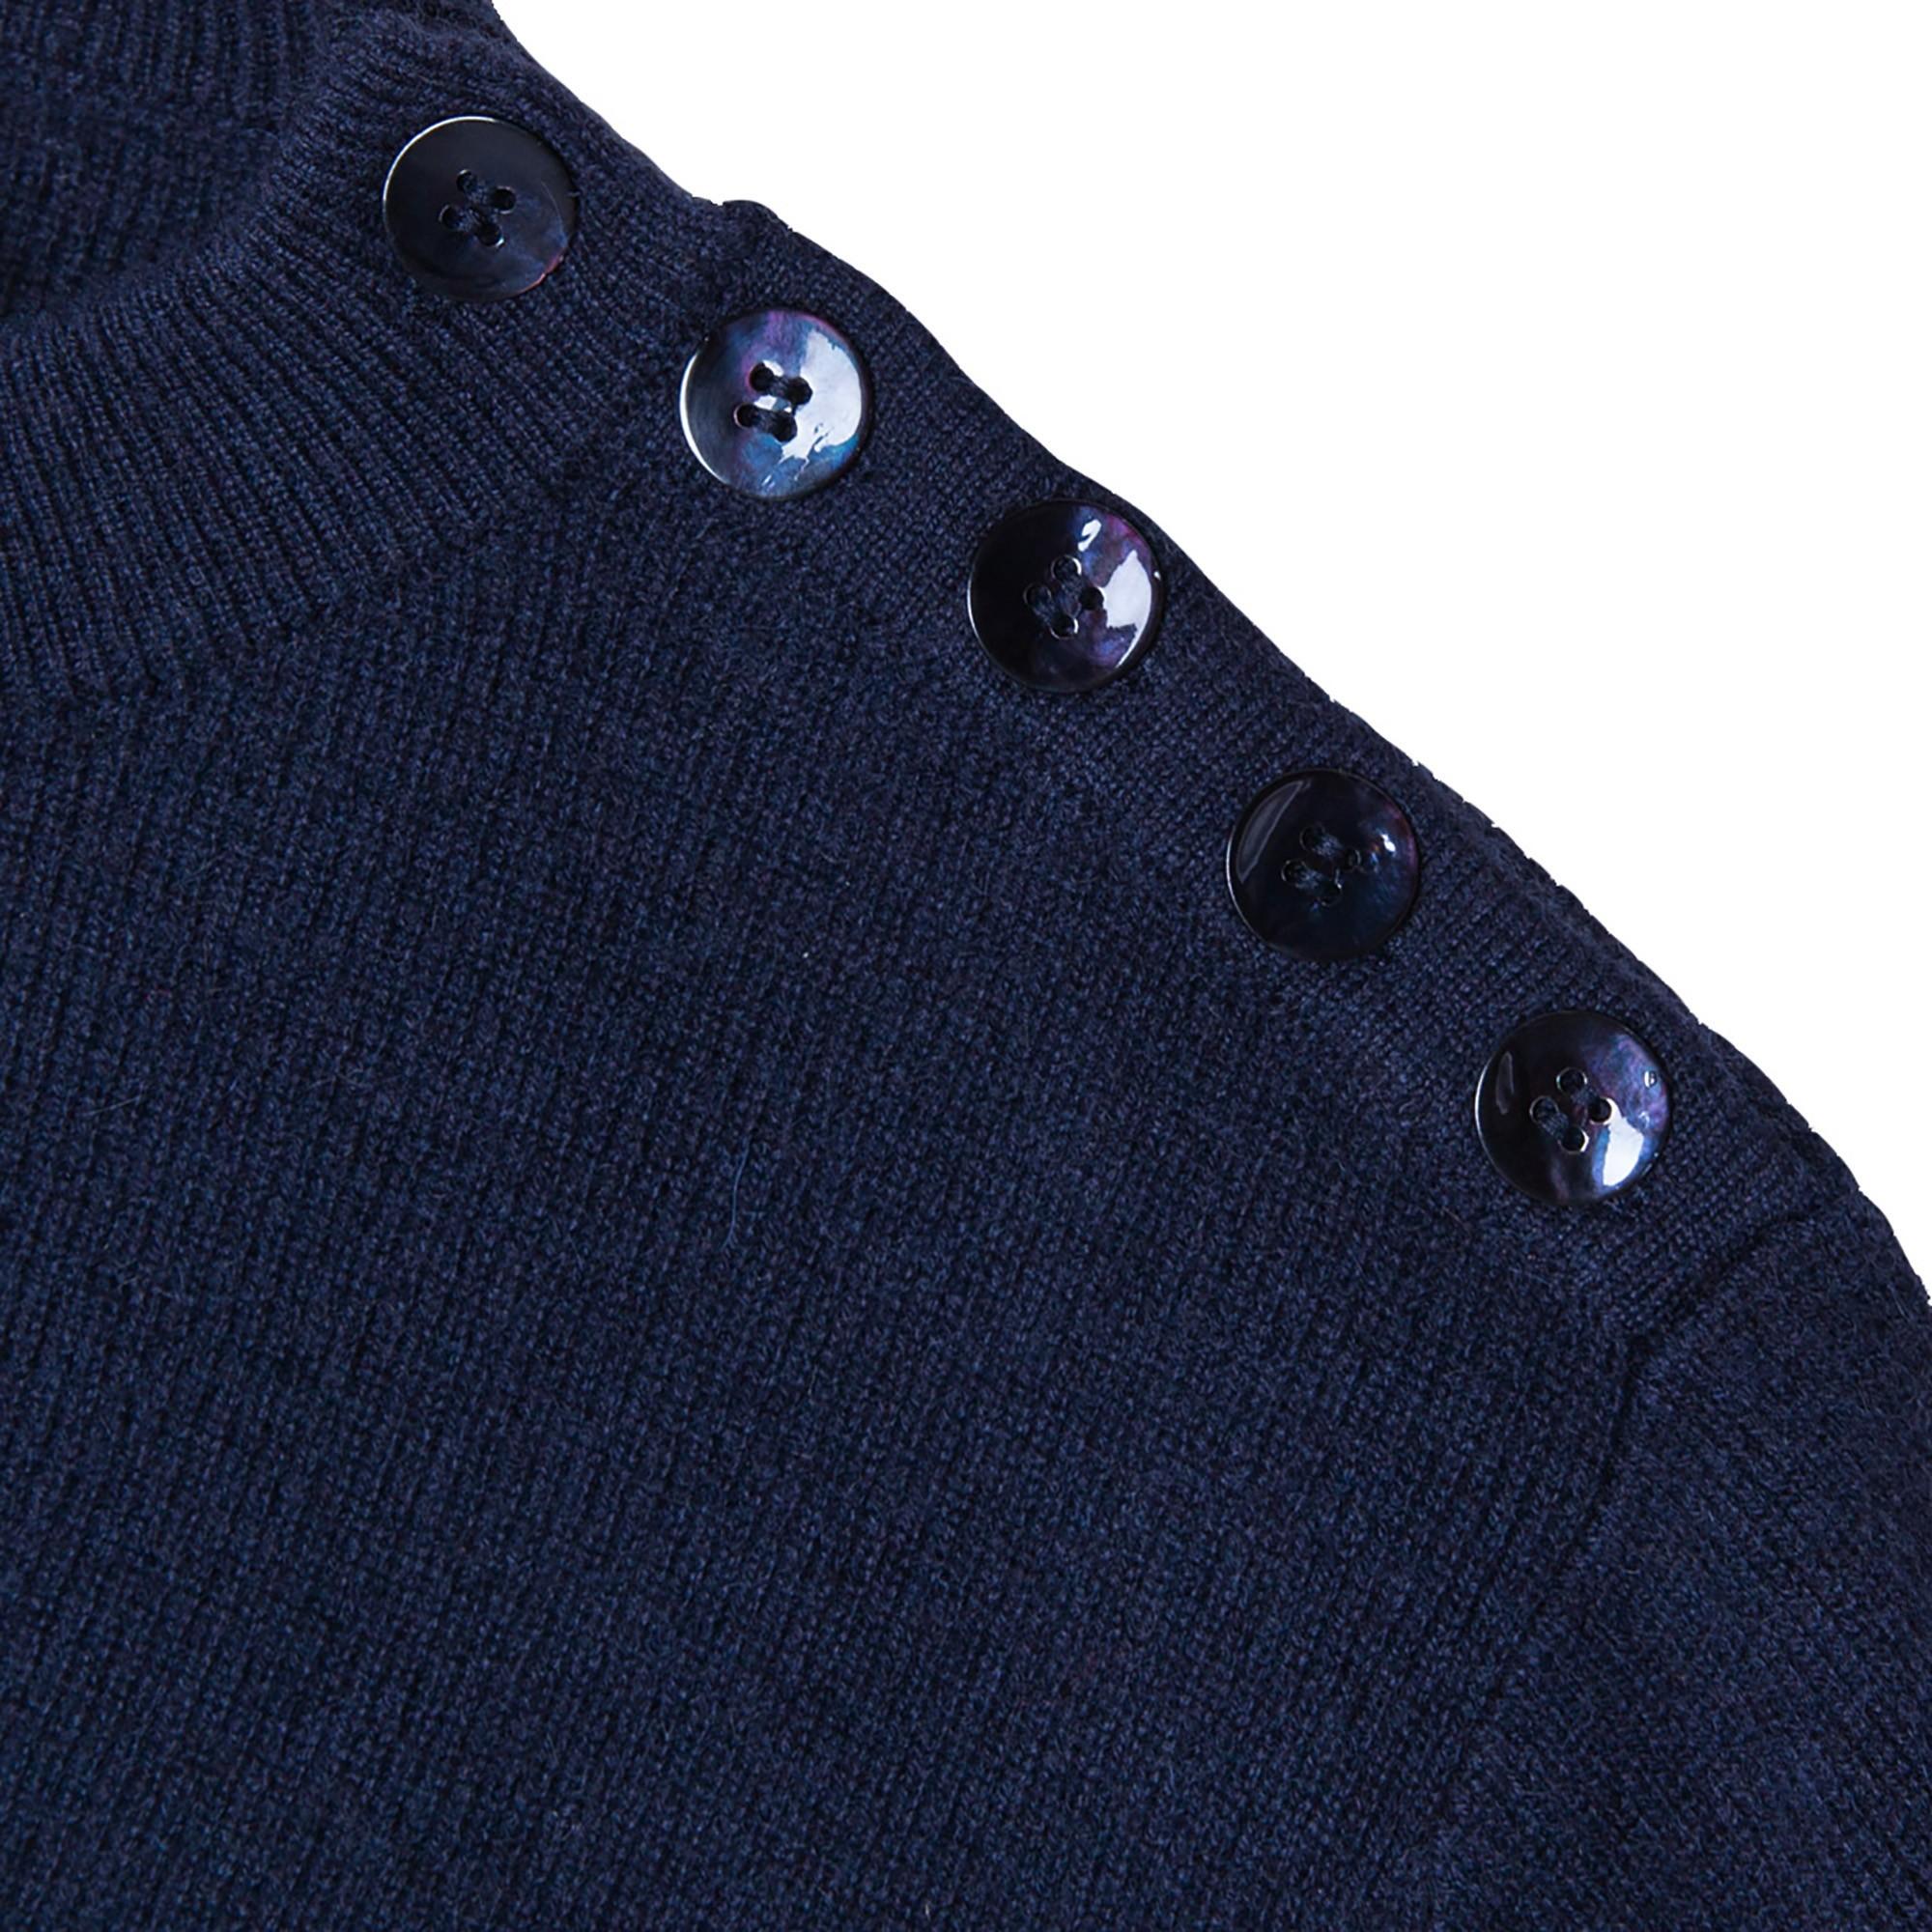 qualité authentique nouveaux produits pour large choix de couleurs Pull col montant en cachemire pour homme